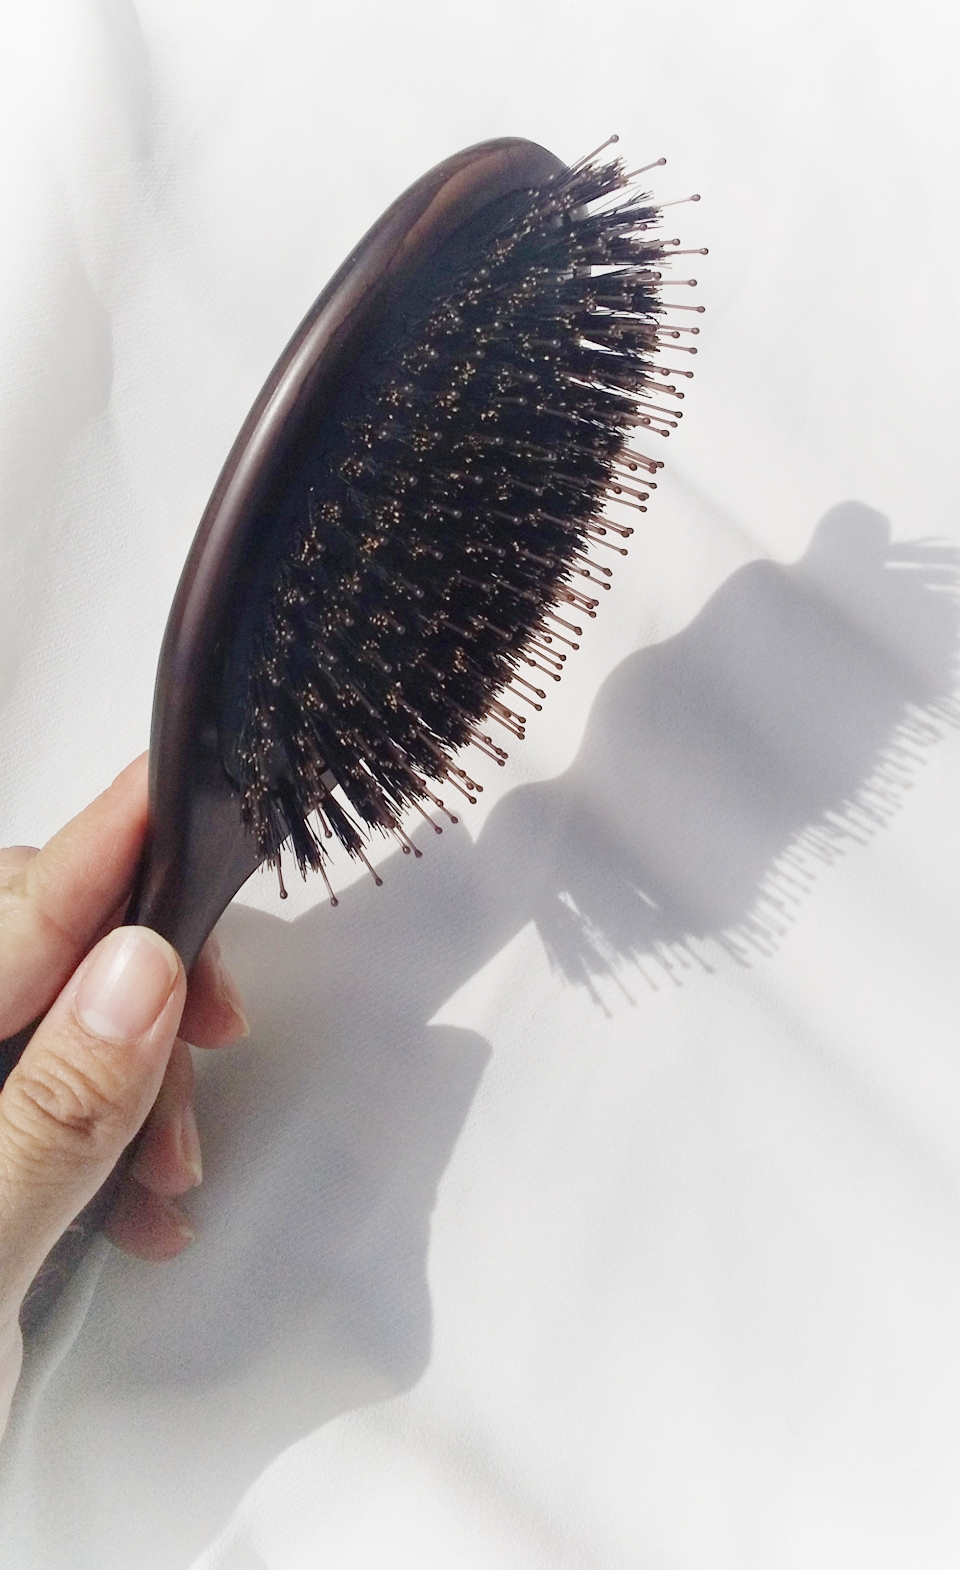 【えっ!?こんなにツヤツヤに?】La CASTAのヘアブラシで頭皮も毛先も元気に!!効果に驚き!_2